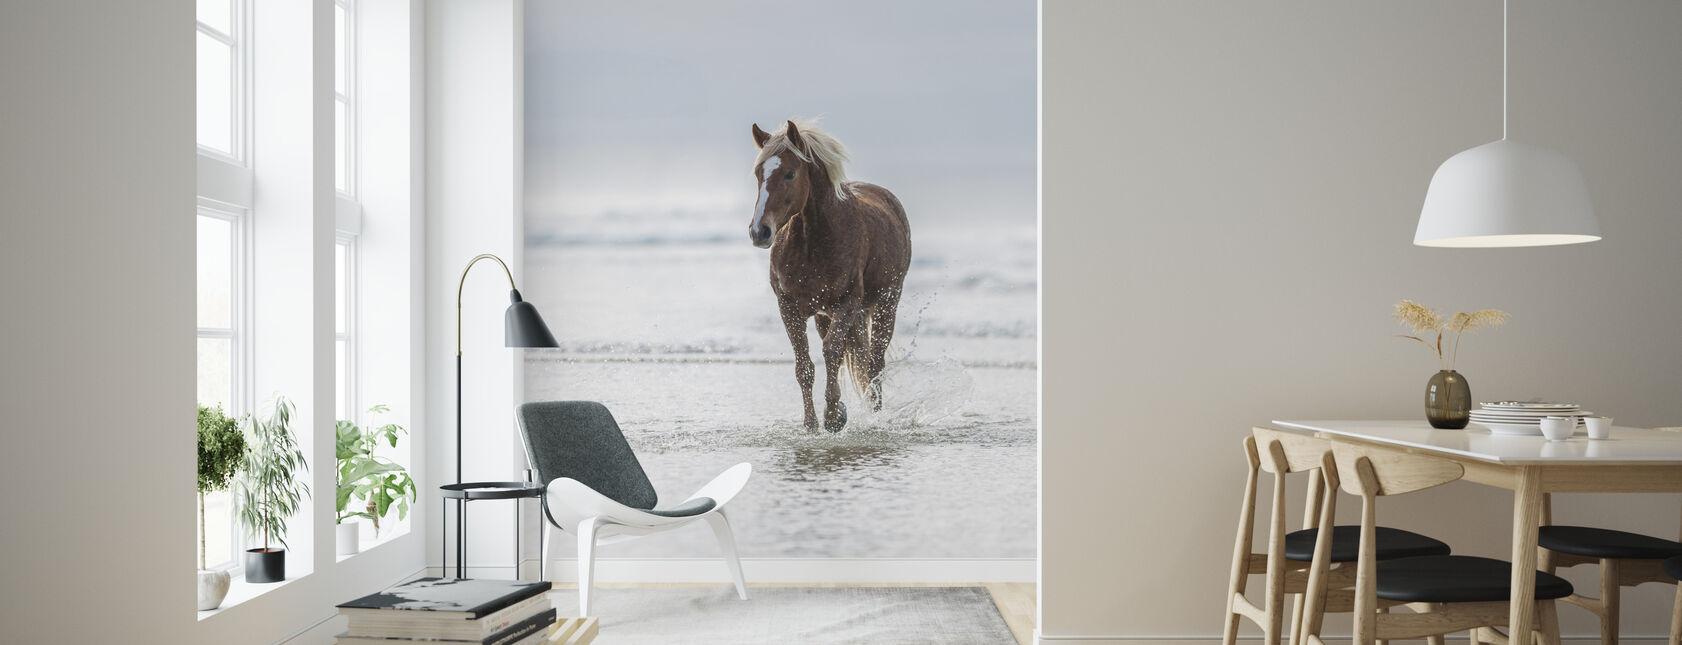 Spaziergang am Strand - Tapete - Wohnzimmer